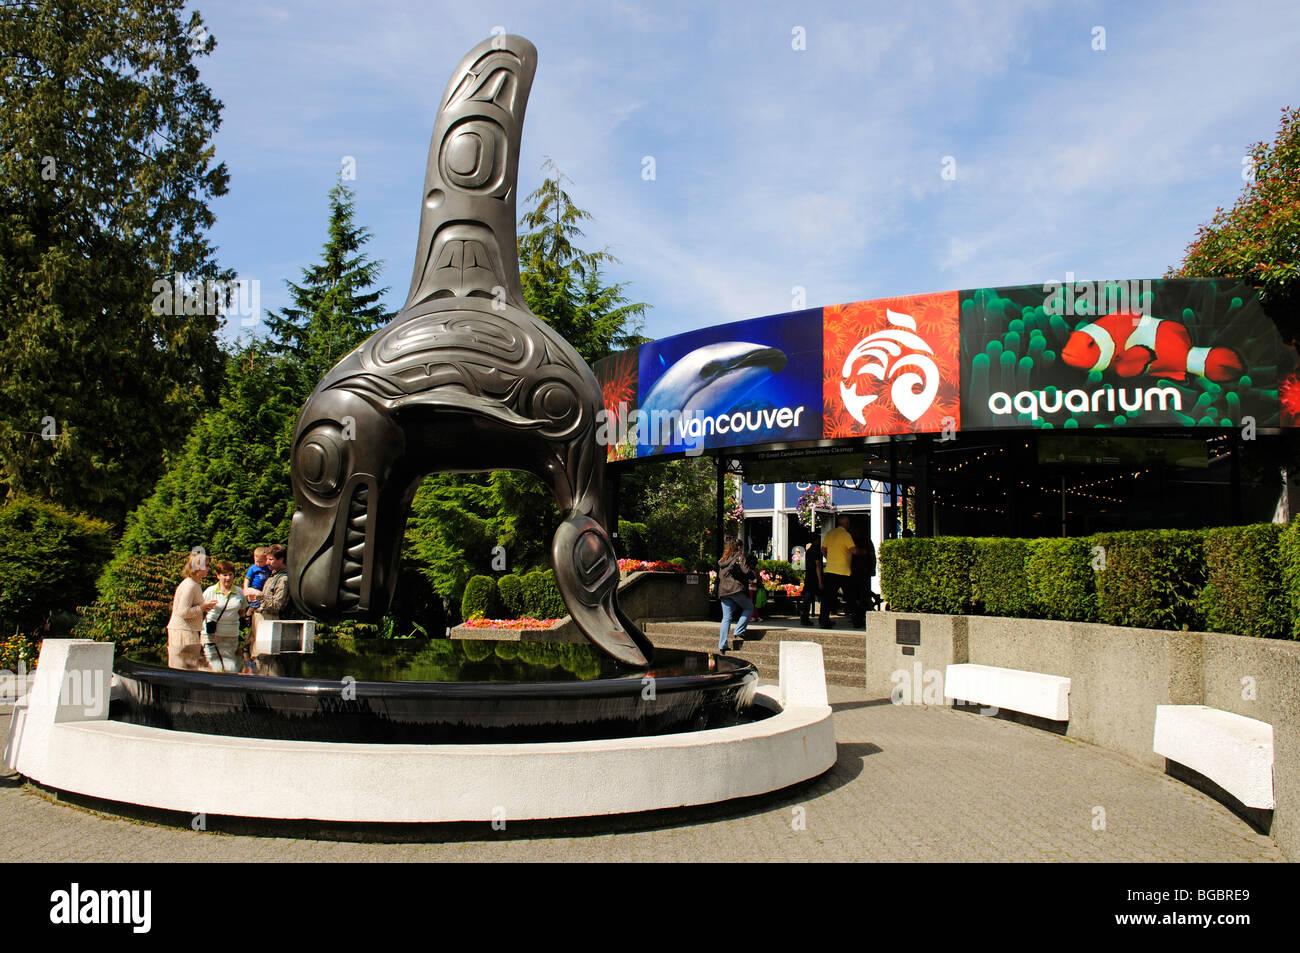 Fish aquarium vancouver - Aquarium Stanley Park Vancouver British Columbia Canada Stock Image